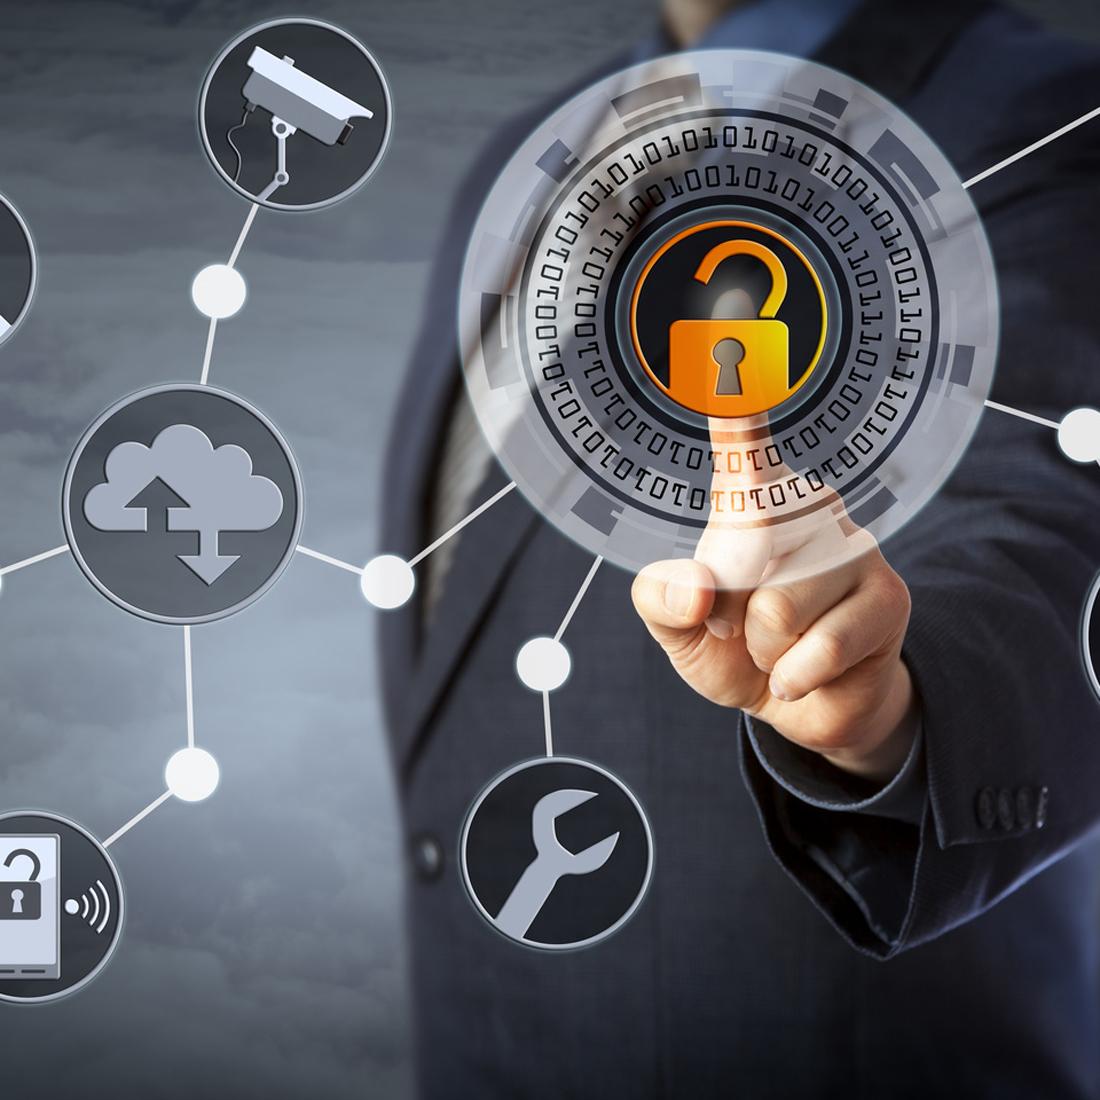 Ein Mann berührt mit seinem Finger ein grafisch visualisiertes Schloss, das digitale Sicherheit symbolisiert.